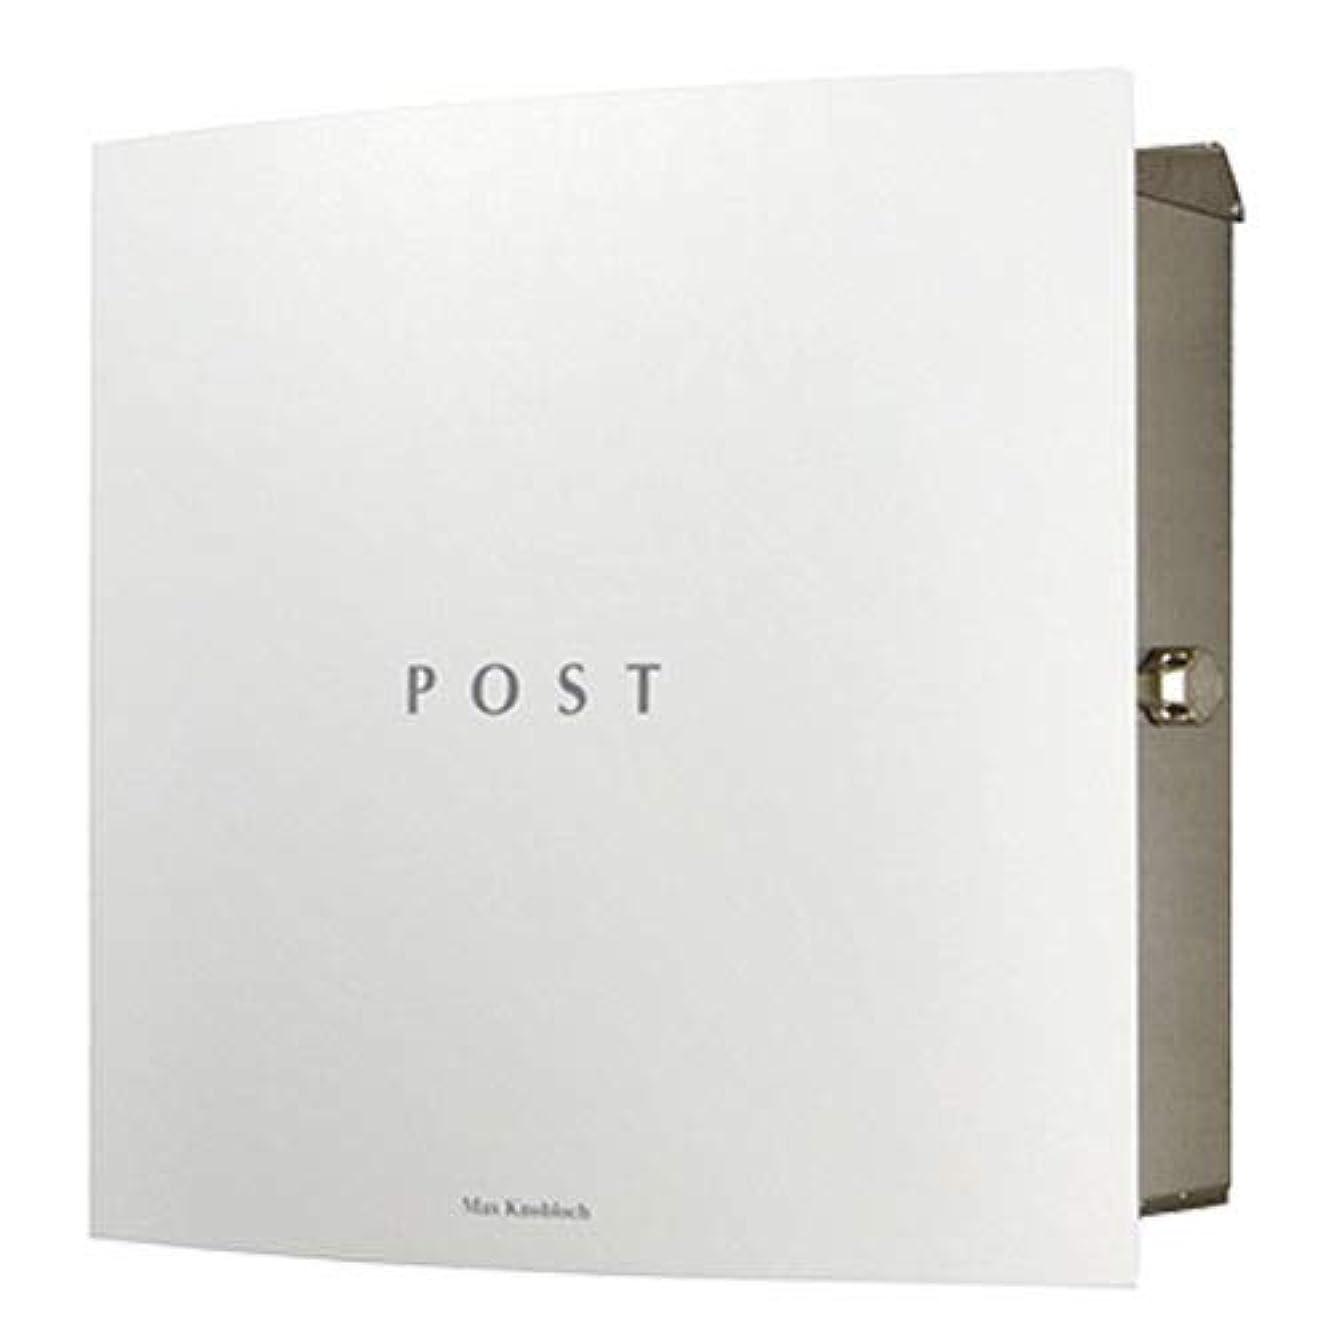 男らしさキャッシュ財布マックスノブロック ボン 右ロック ホワイト AAE37A 郵便ポスト 壁付けポスト